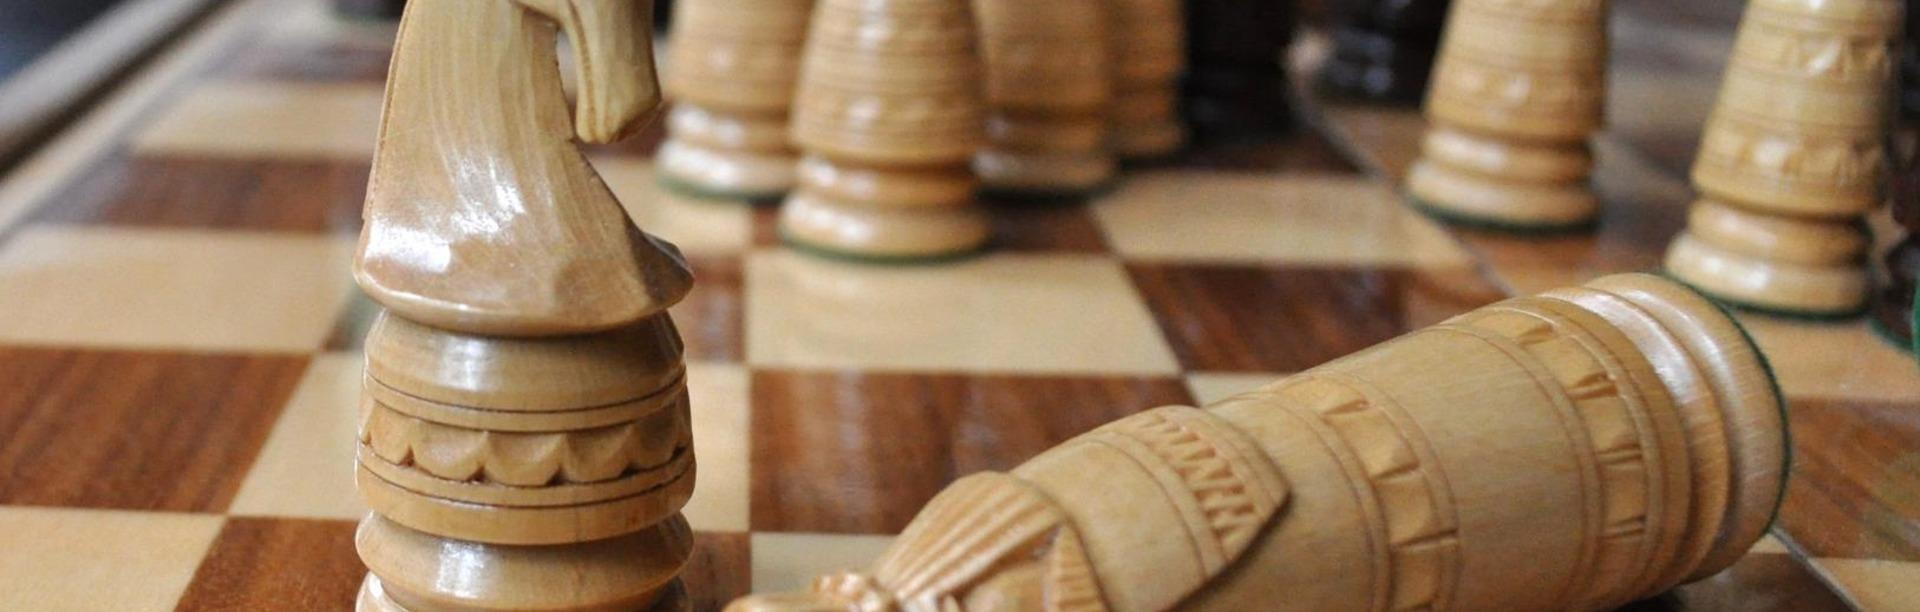 Three Moves Ahead 488